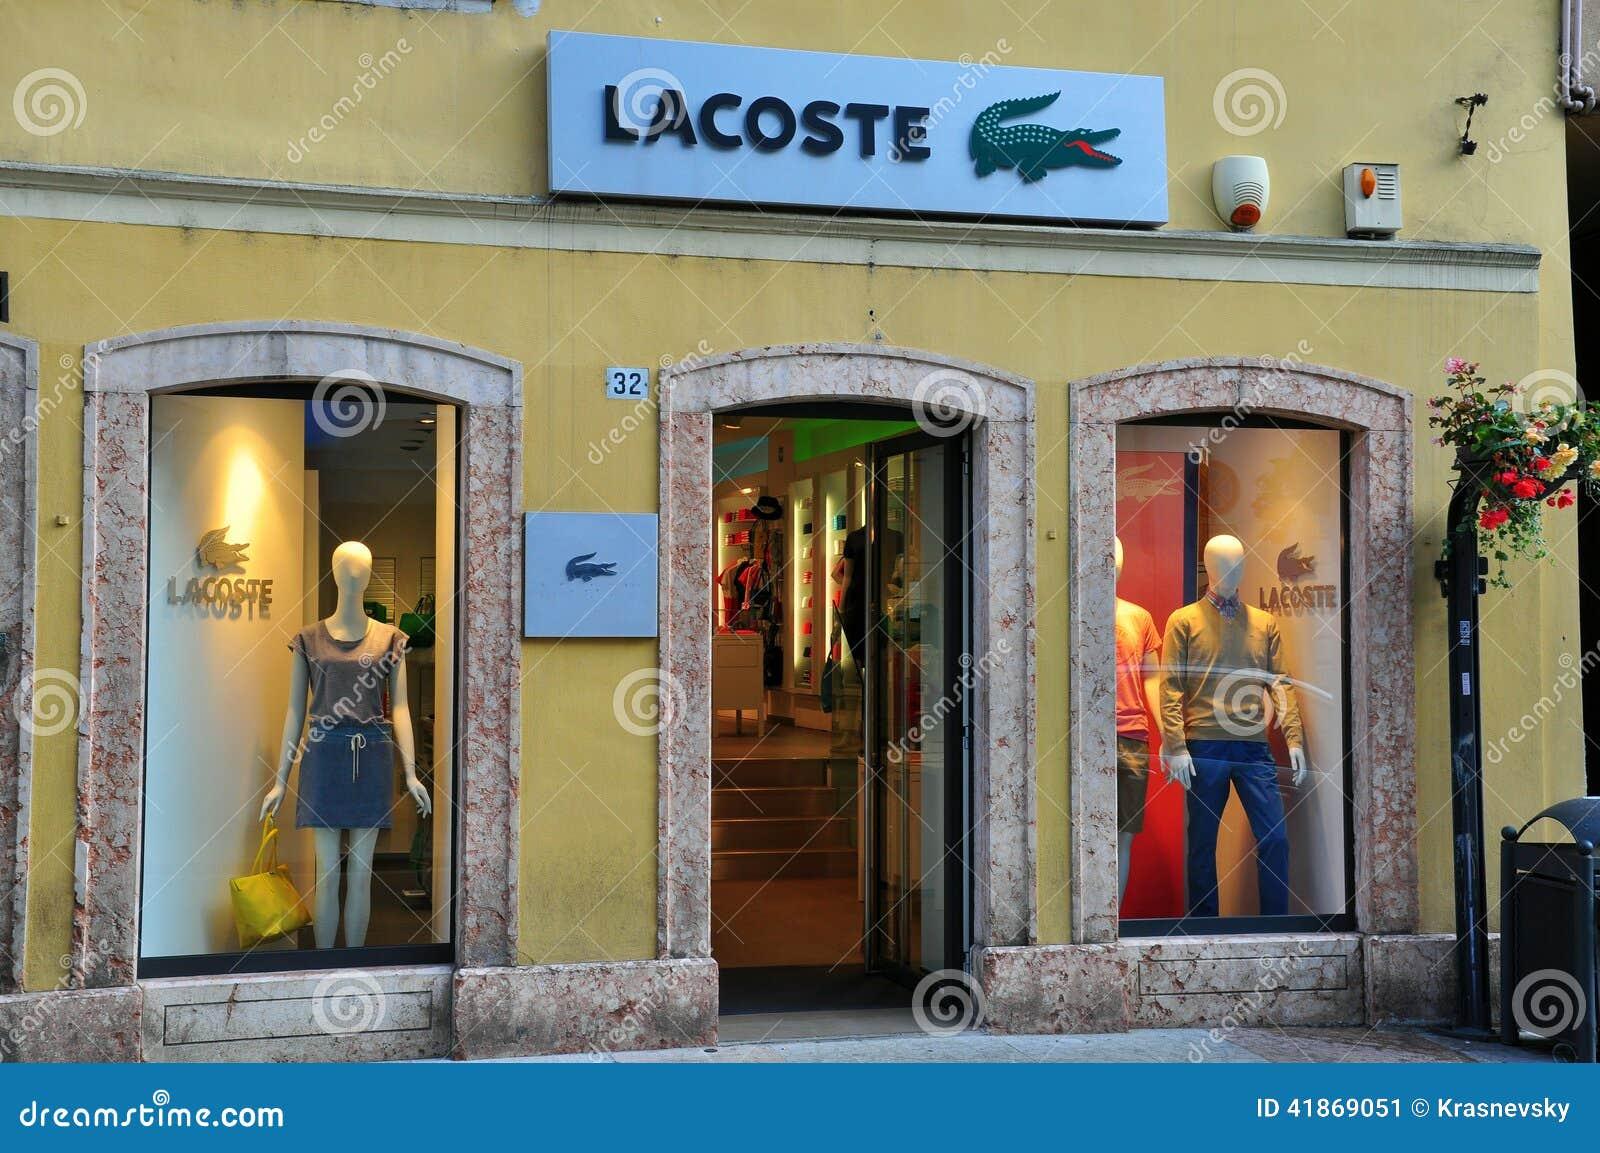 2c8811dc0e738 Tienda De Lacoste En Italia Foto editorial - Imagen de frente ...